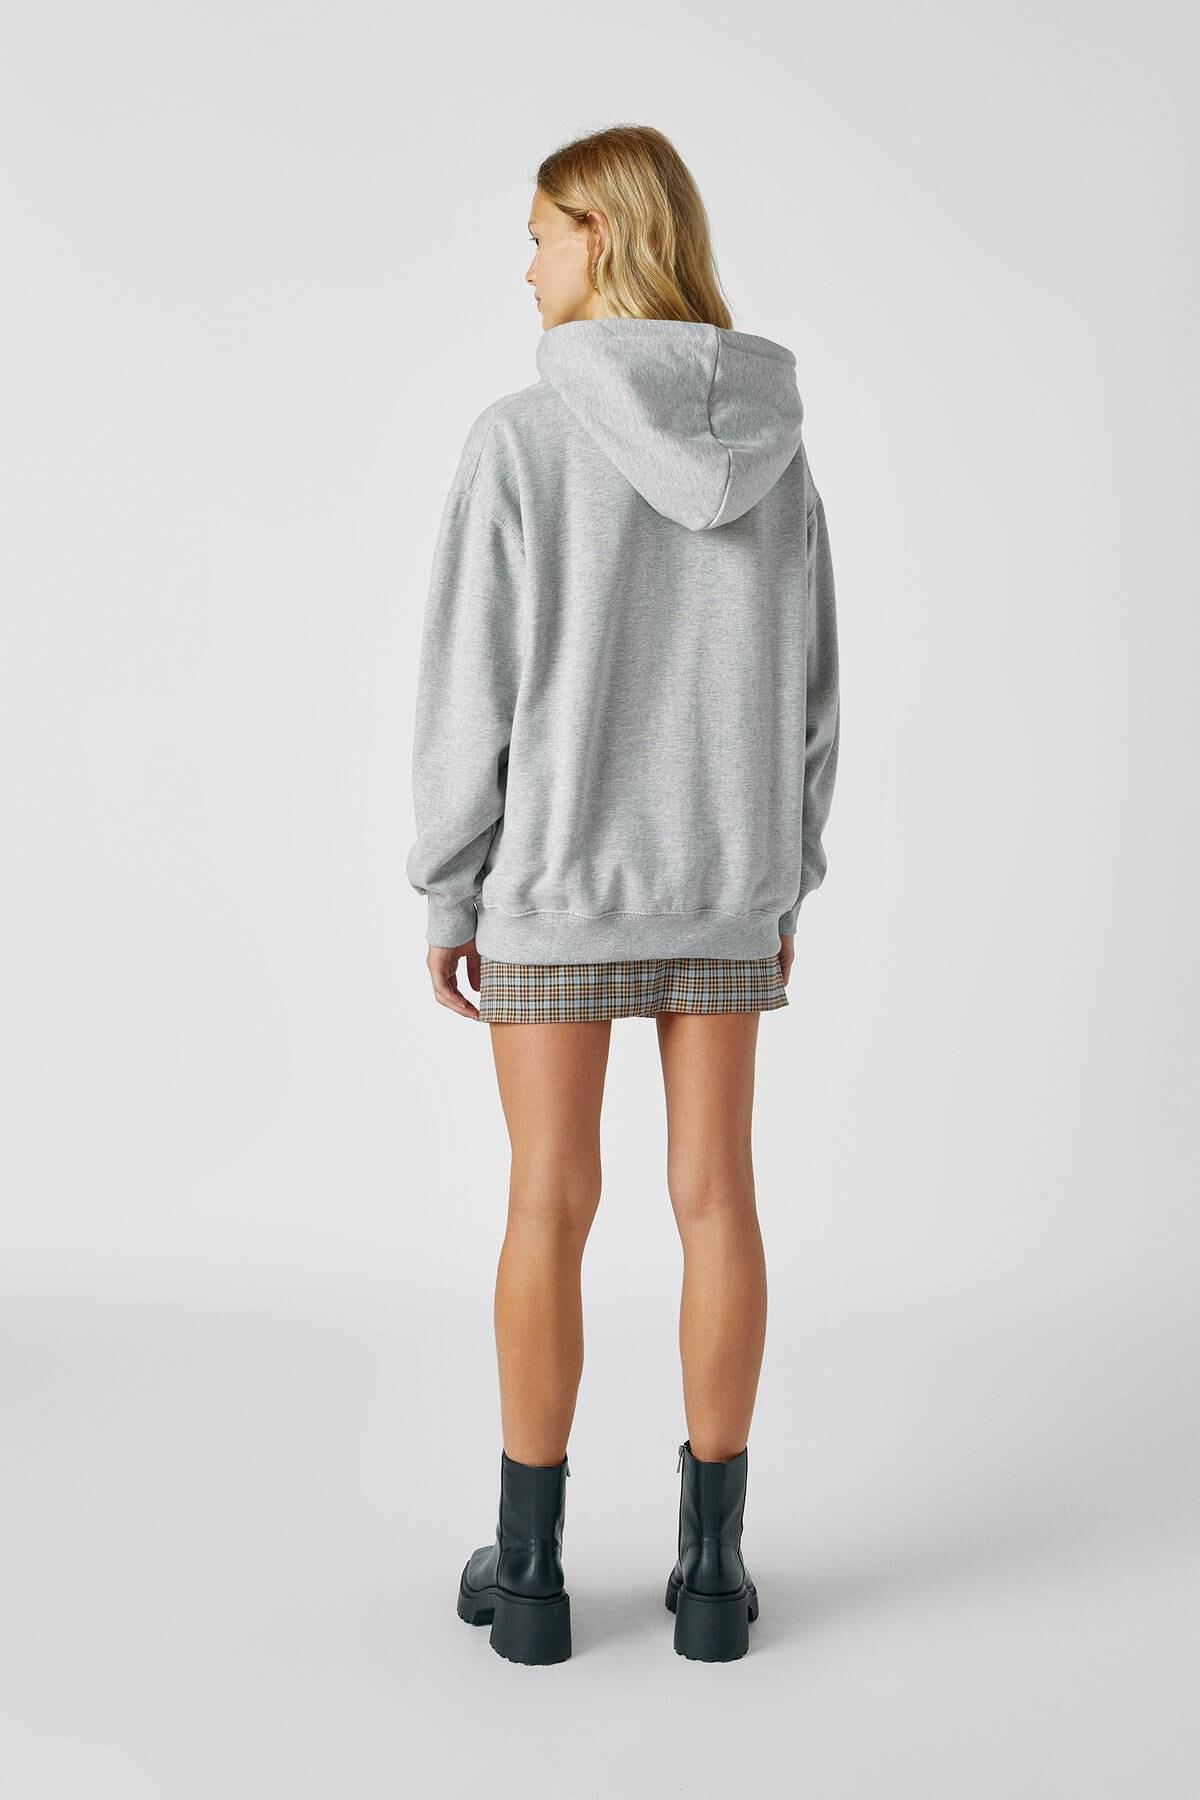 Pull & Bear Kadın Orta Melanj Basic Uzun Kollu Kapüşonlu Sweatshirt 09594301 2